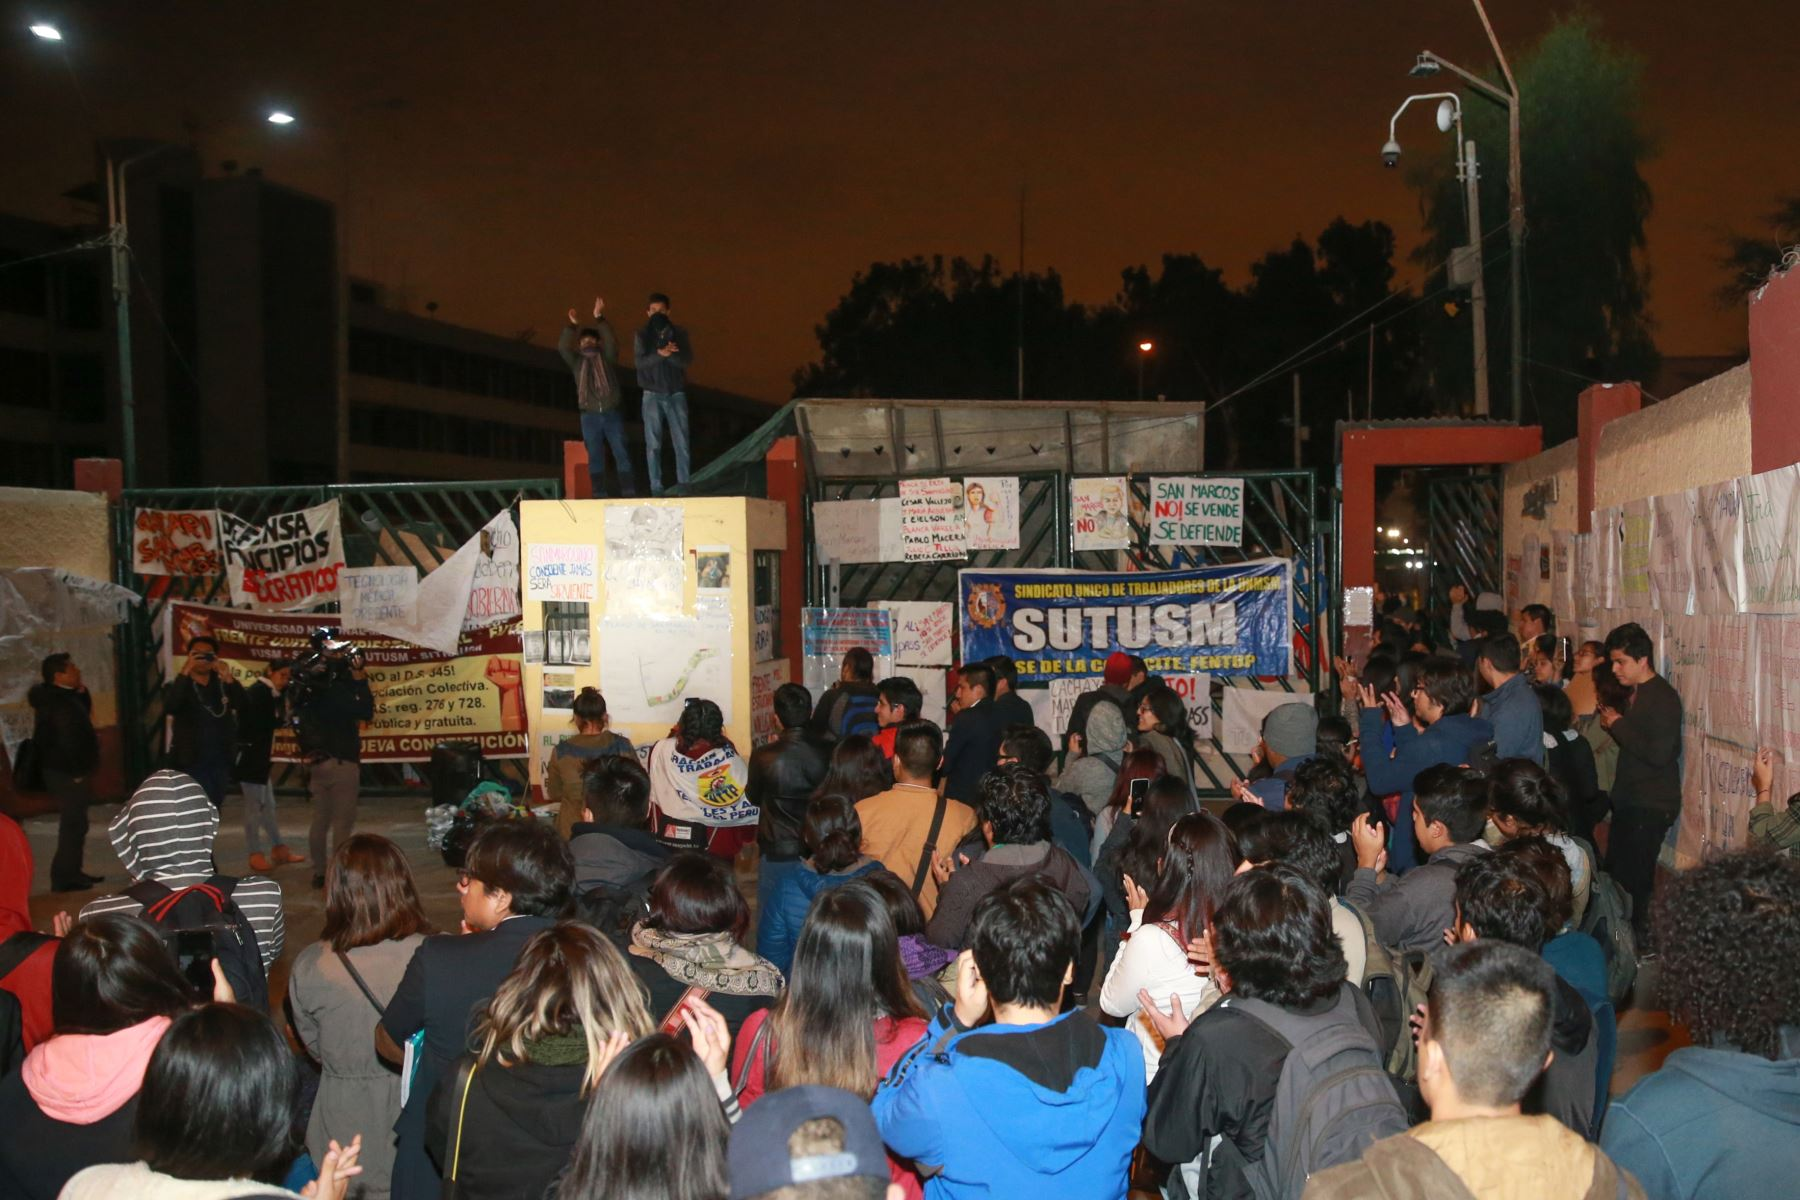 Estudiantes que se oponen a la propuesta del rector Orestes Cachay tomaron el campus de San Marcos. ANDINA/Jhony Laurente.